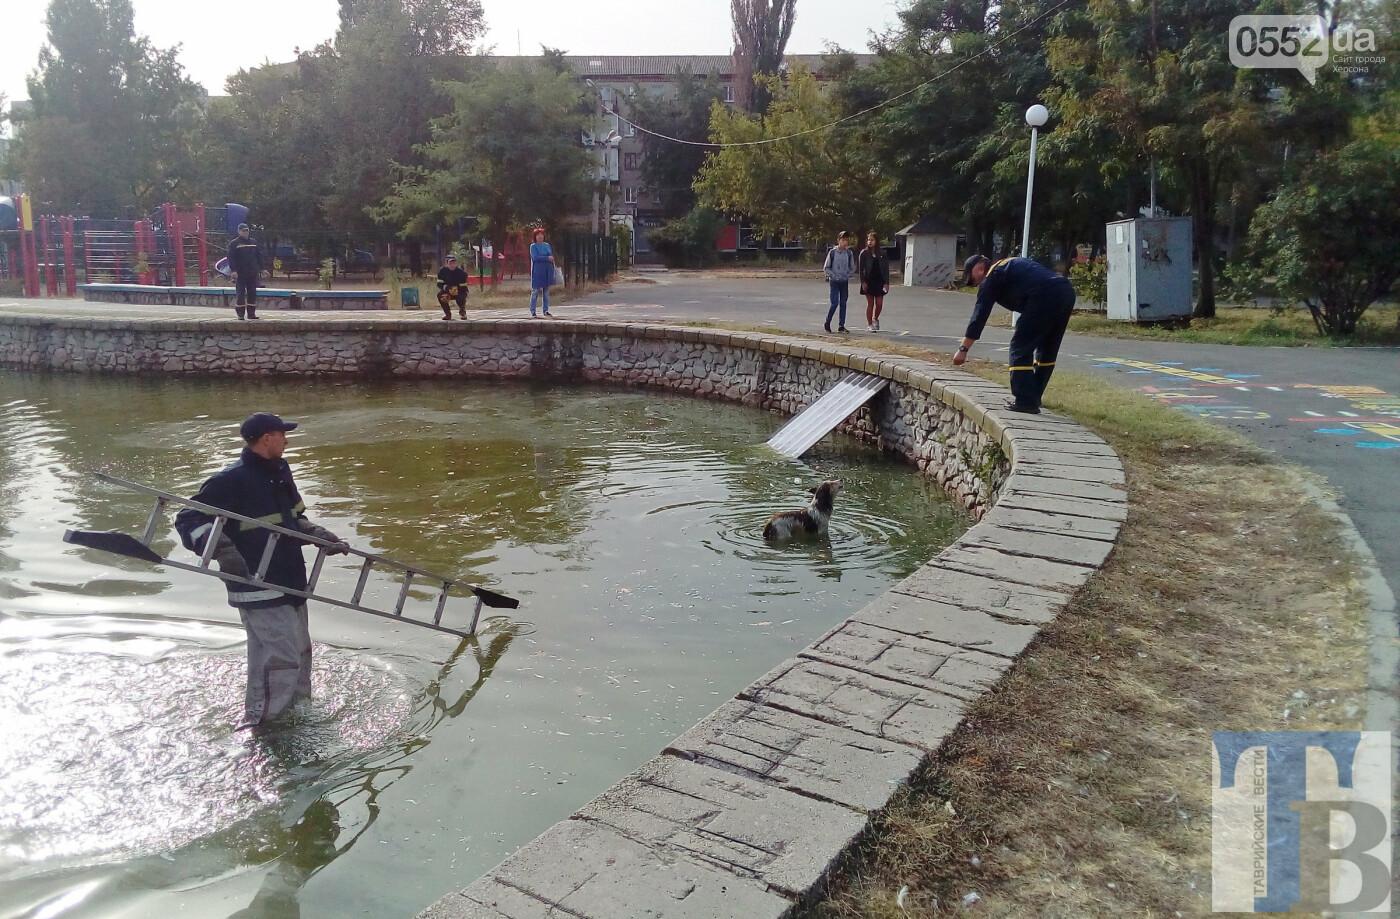 Люди спасли жизнь собаке в Новой Каховке: едва не утонула в водяной ловушке (ФОТОРЕПОРТАЖ), фото-2